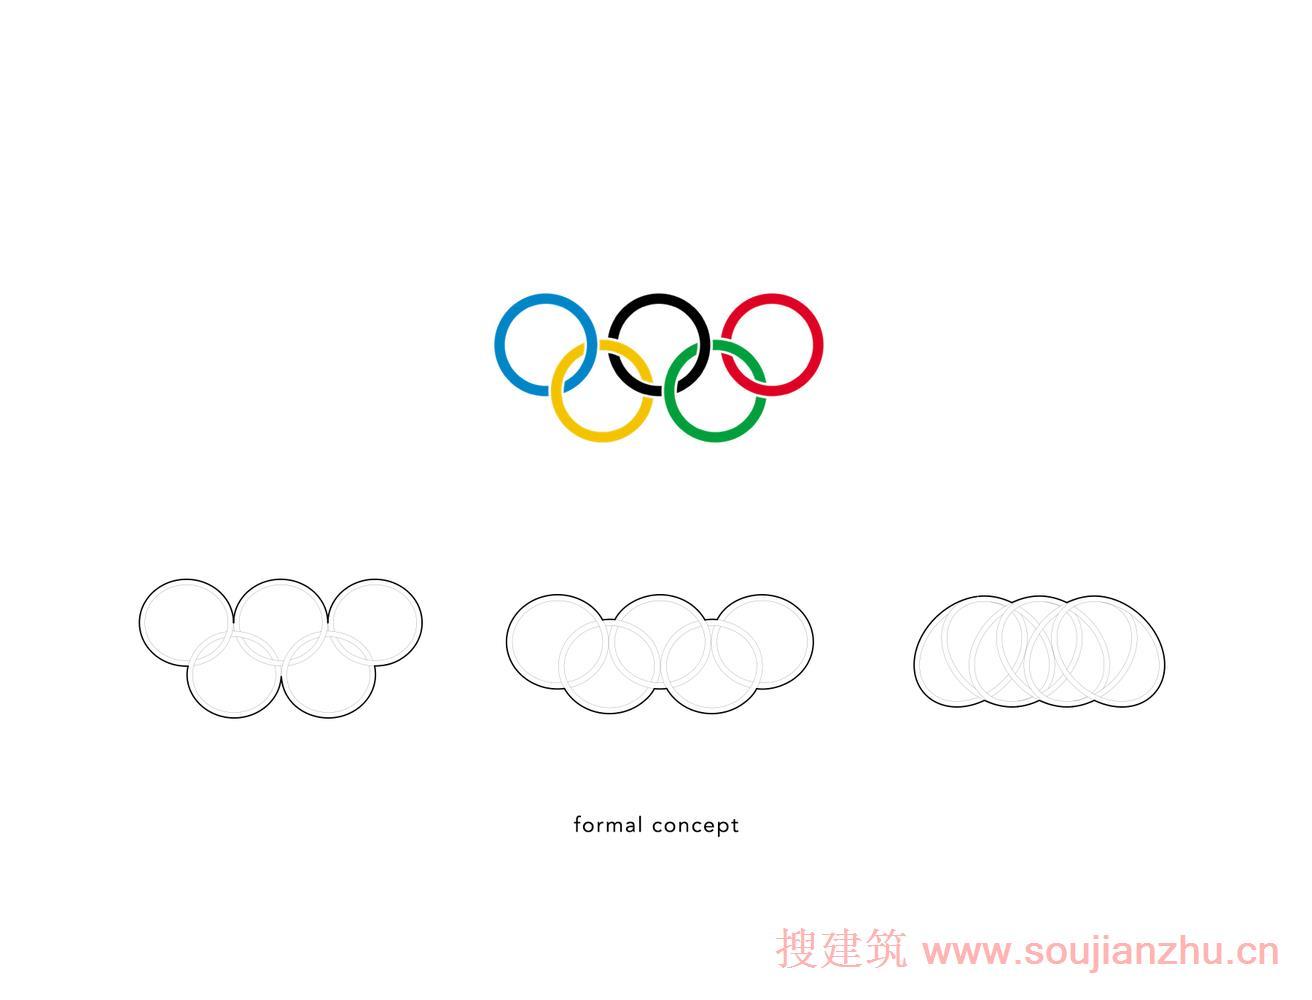 北京·2022北京冬季奥运会三山桥--灵感来自奥运五环---penda